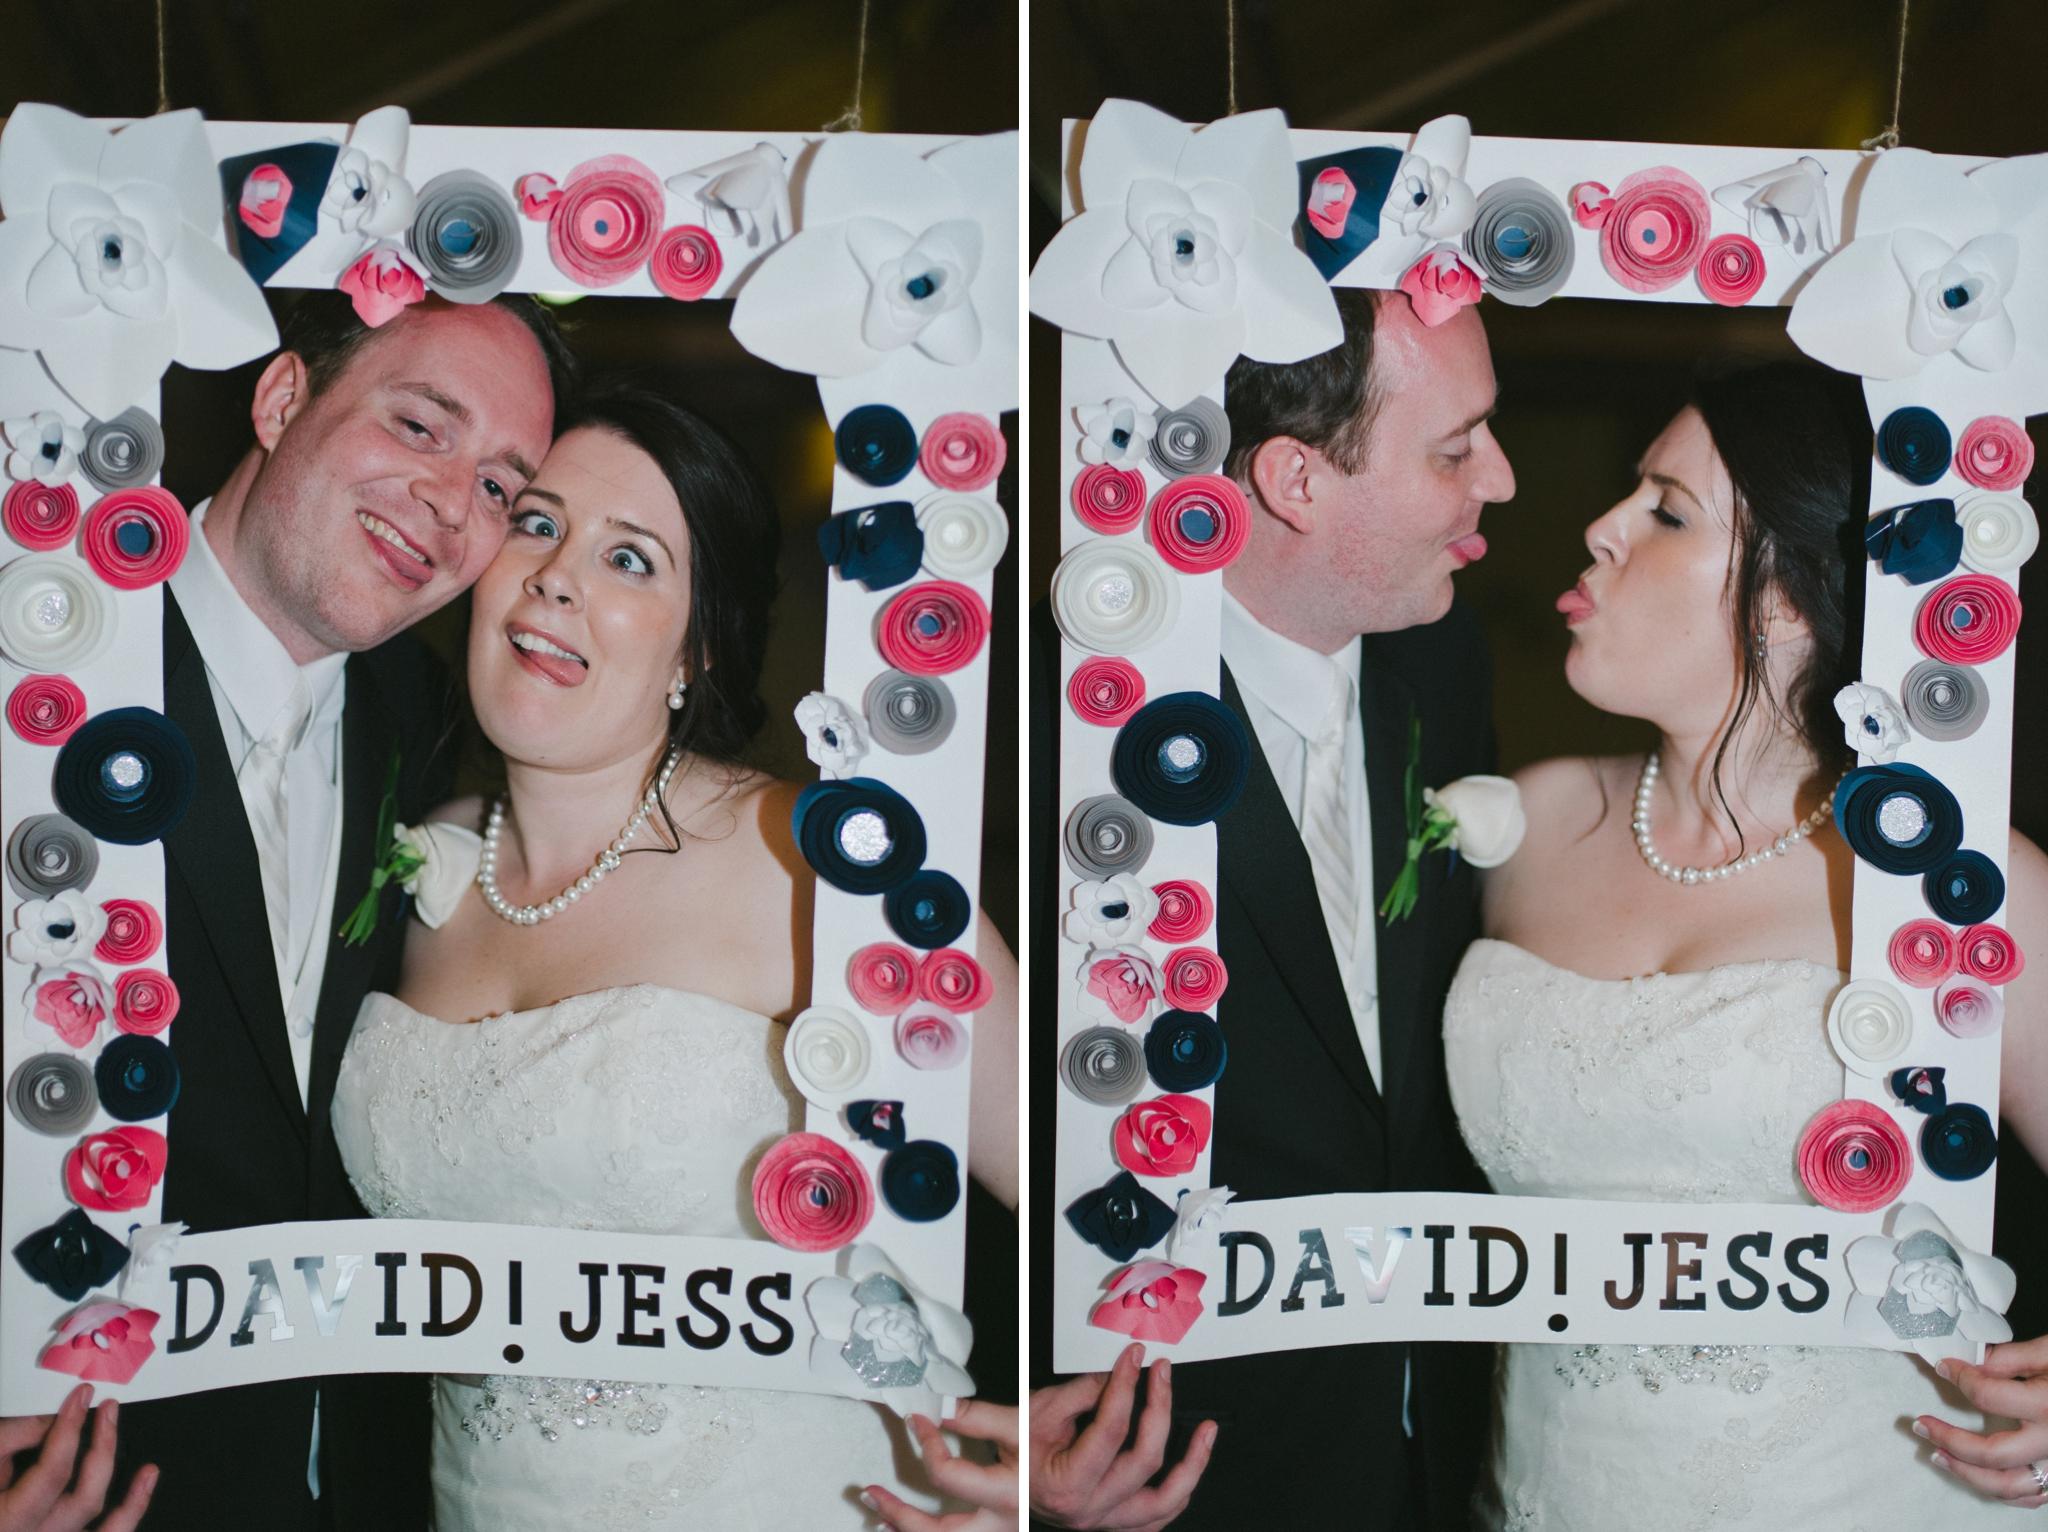 52-photobooth-silly-bride-groom-photos.jpg